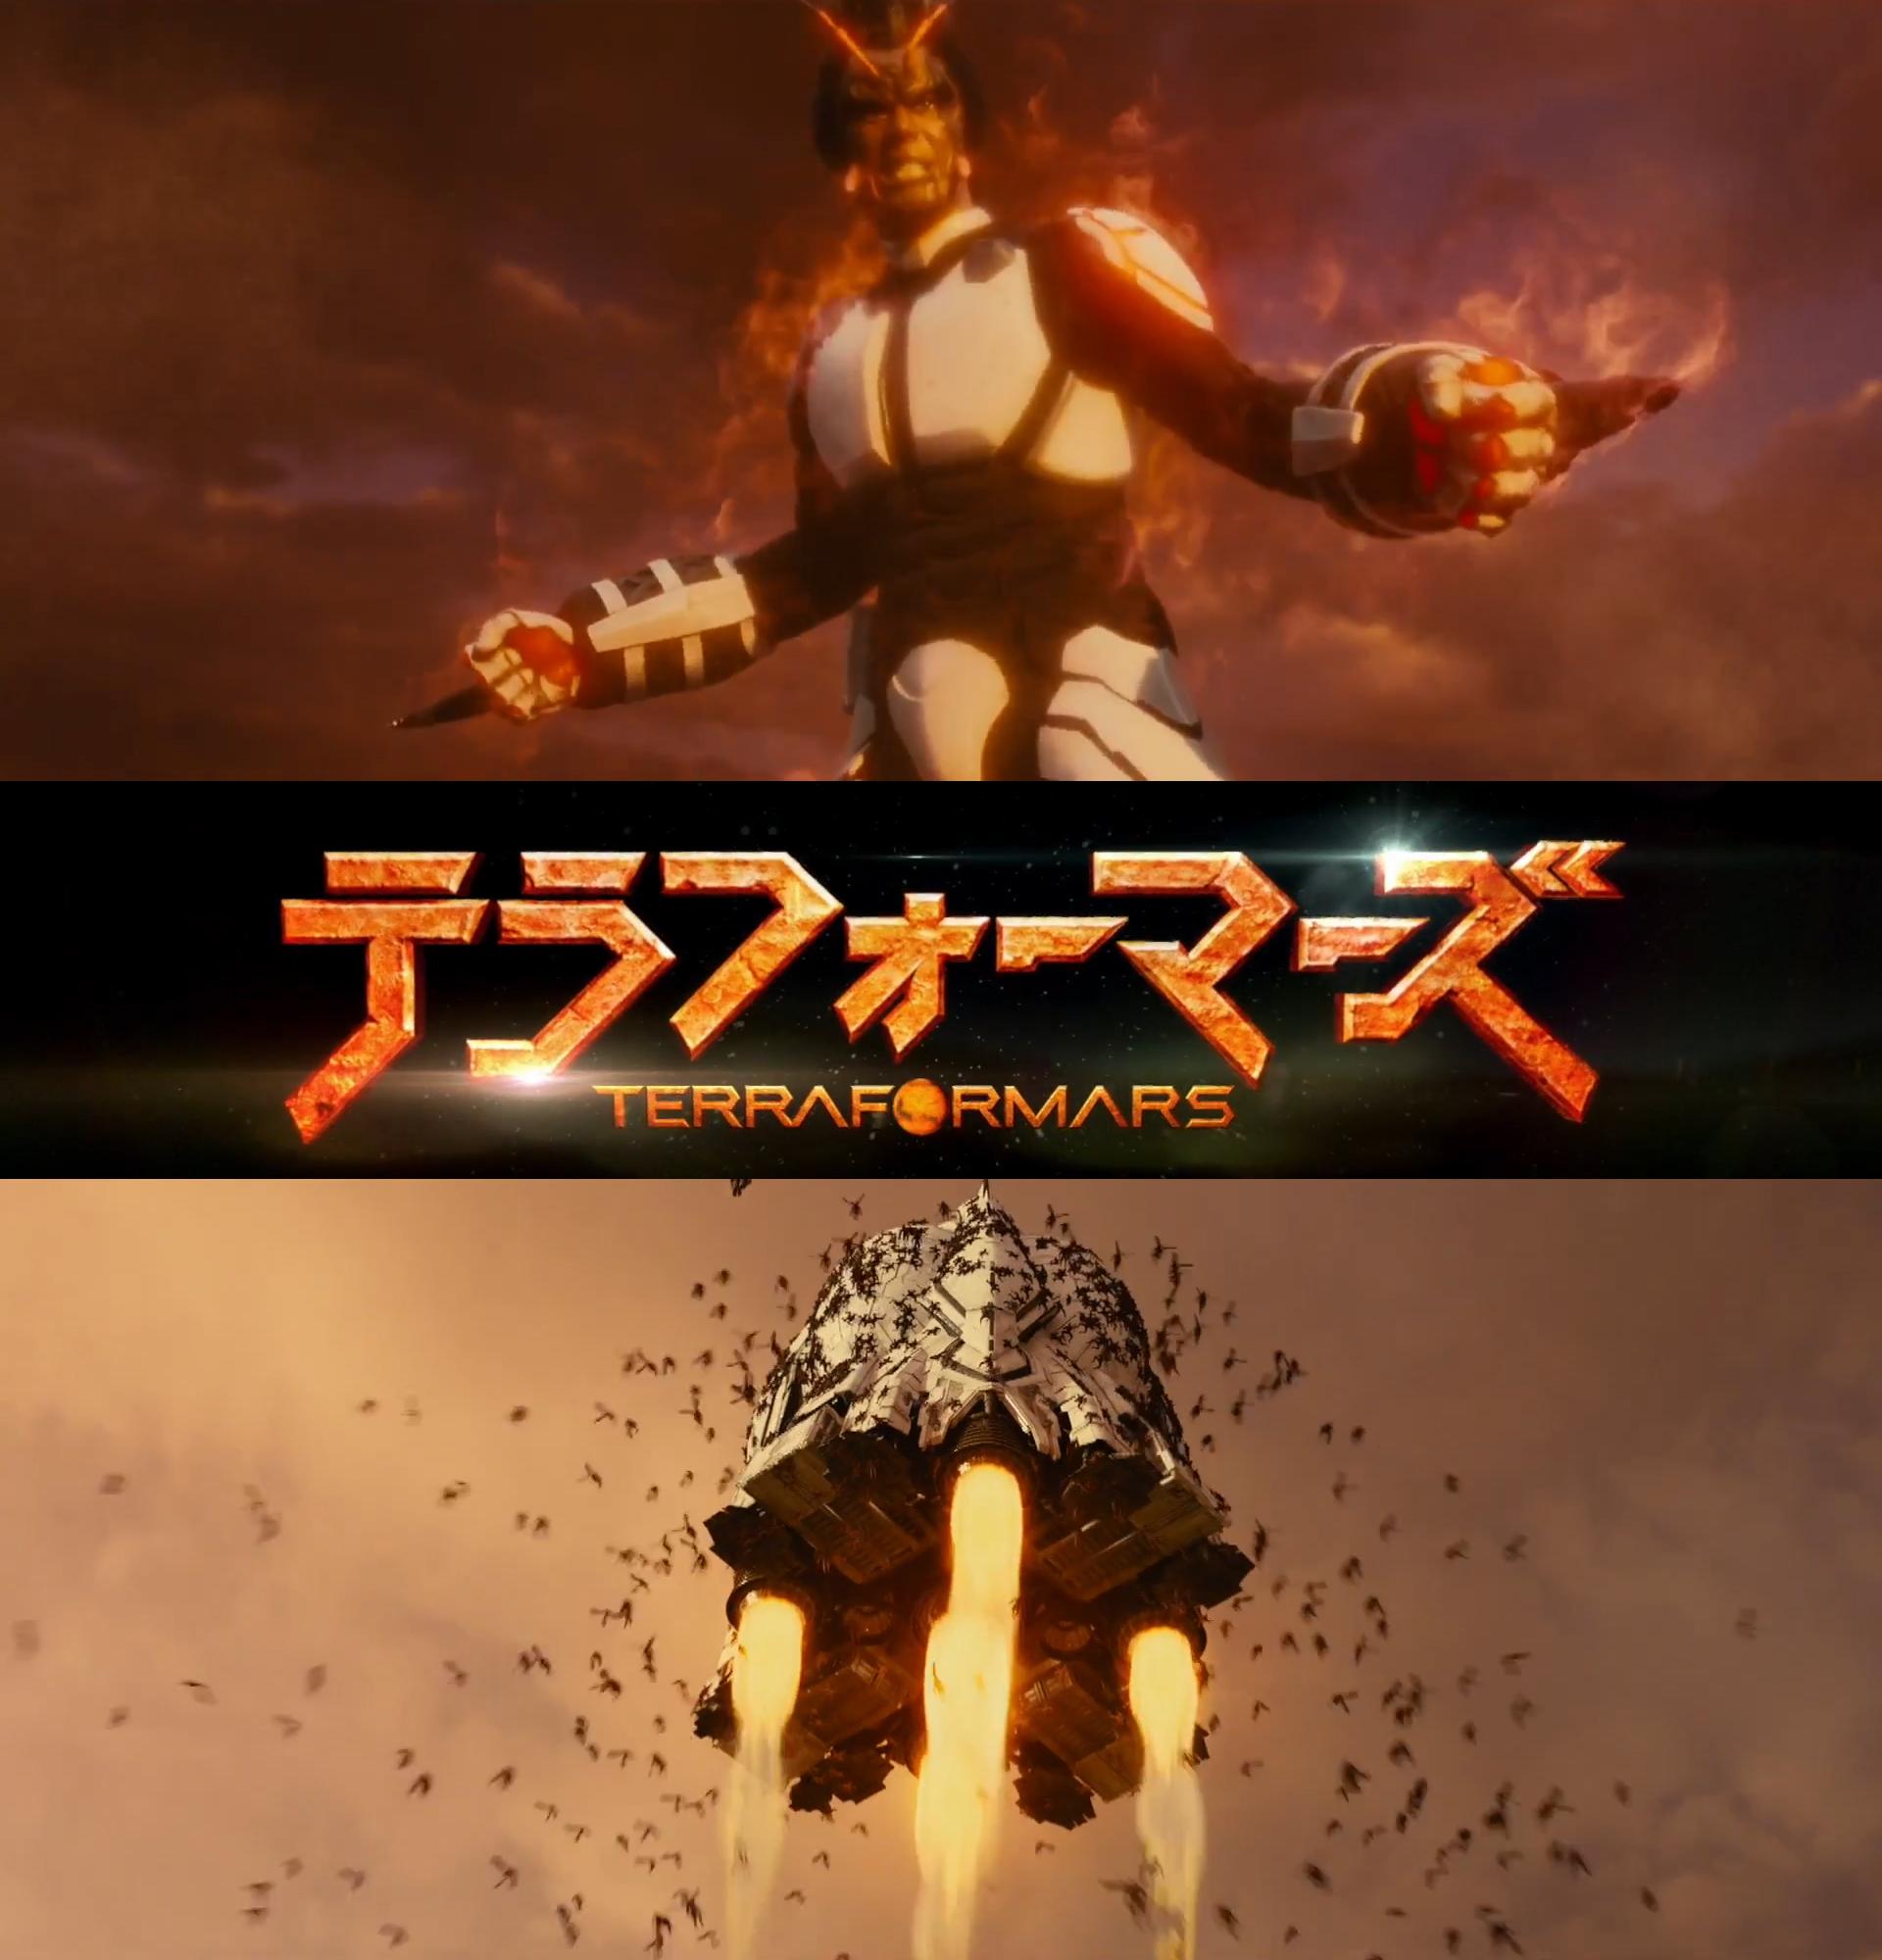 160303(4) -「巴格茲2號」隊員注射變身造型公開!電影《TerraFormars 火星任務》推出正式預告片、將於4/29上映!